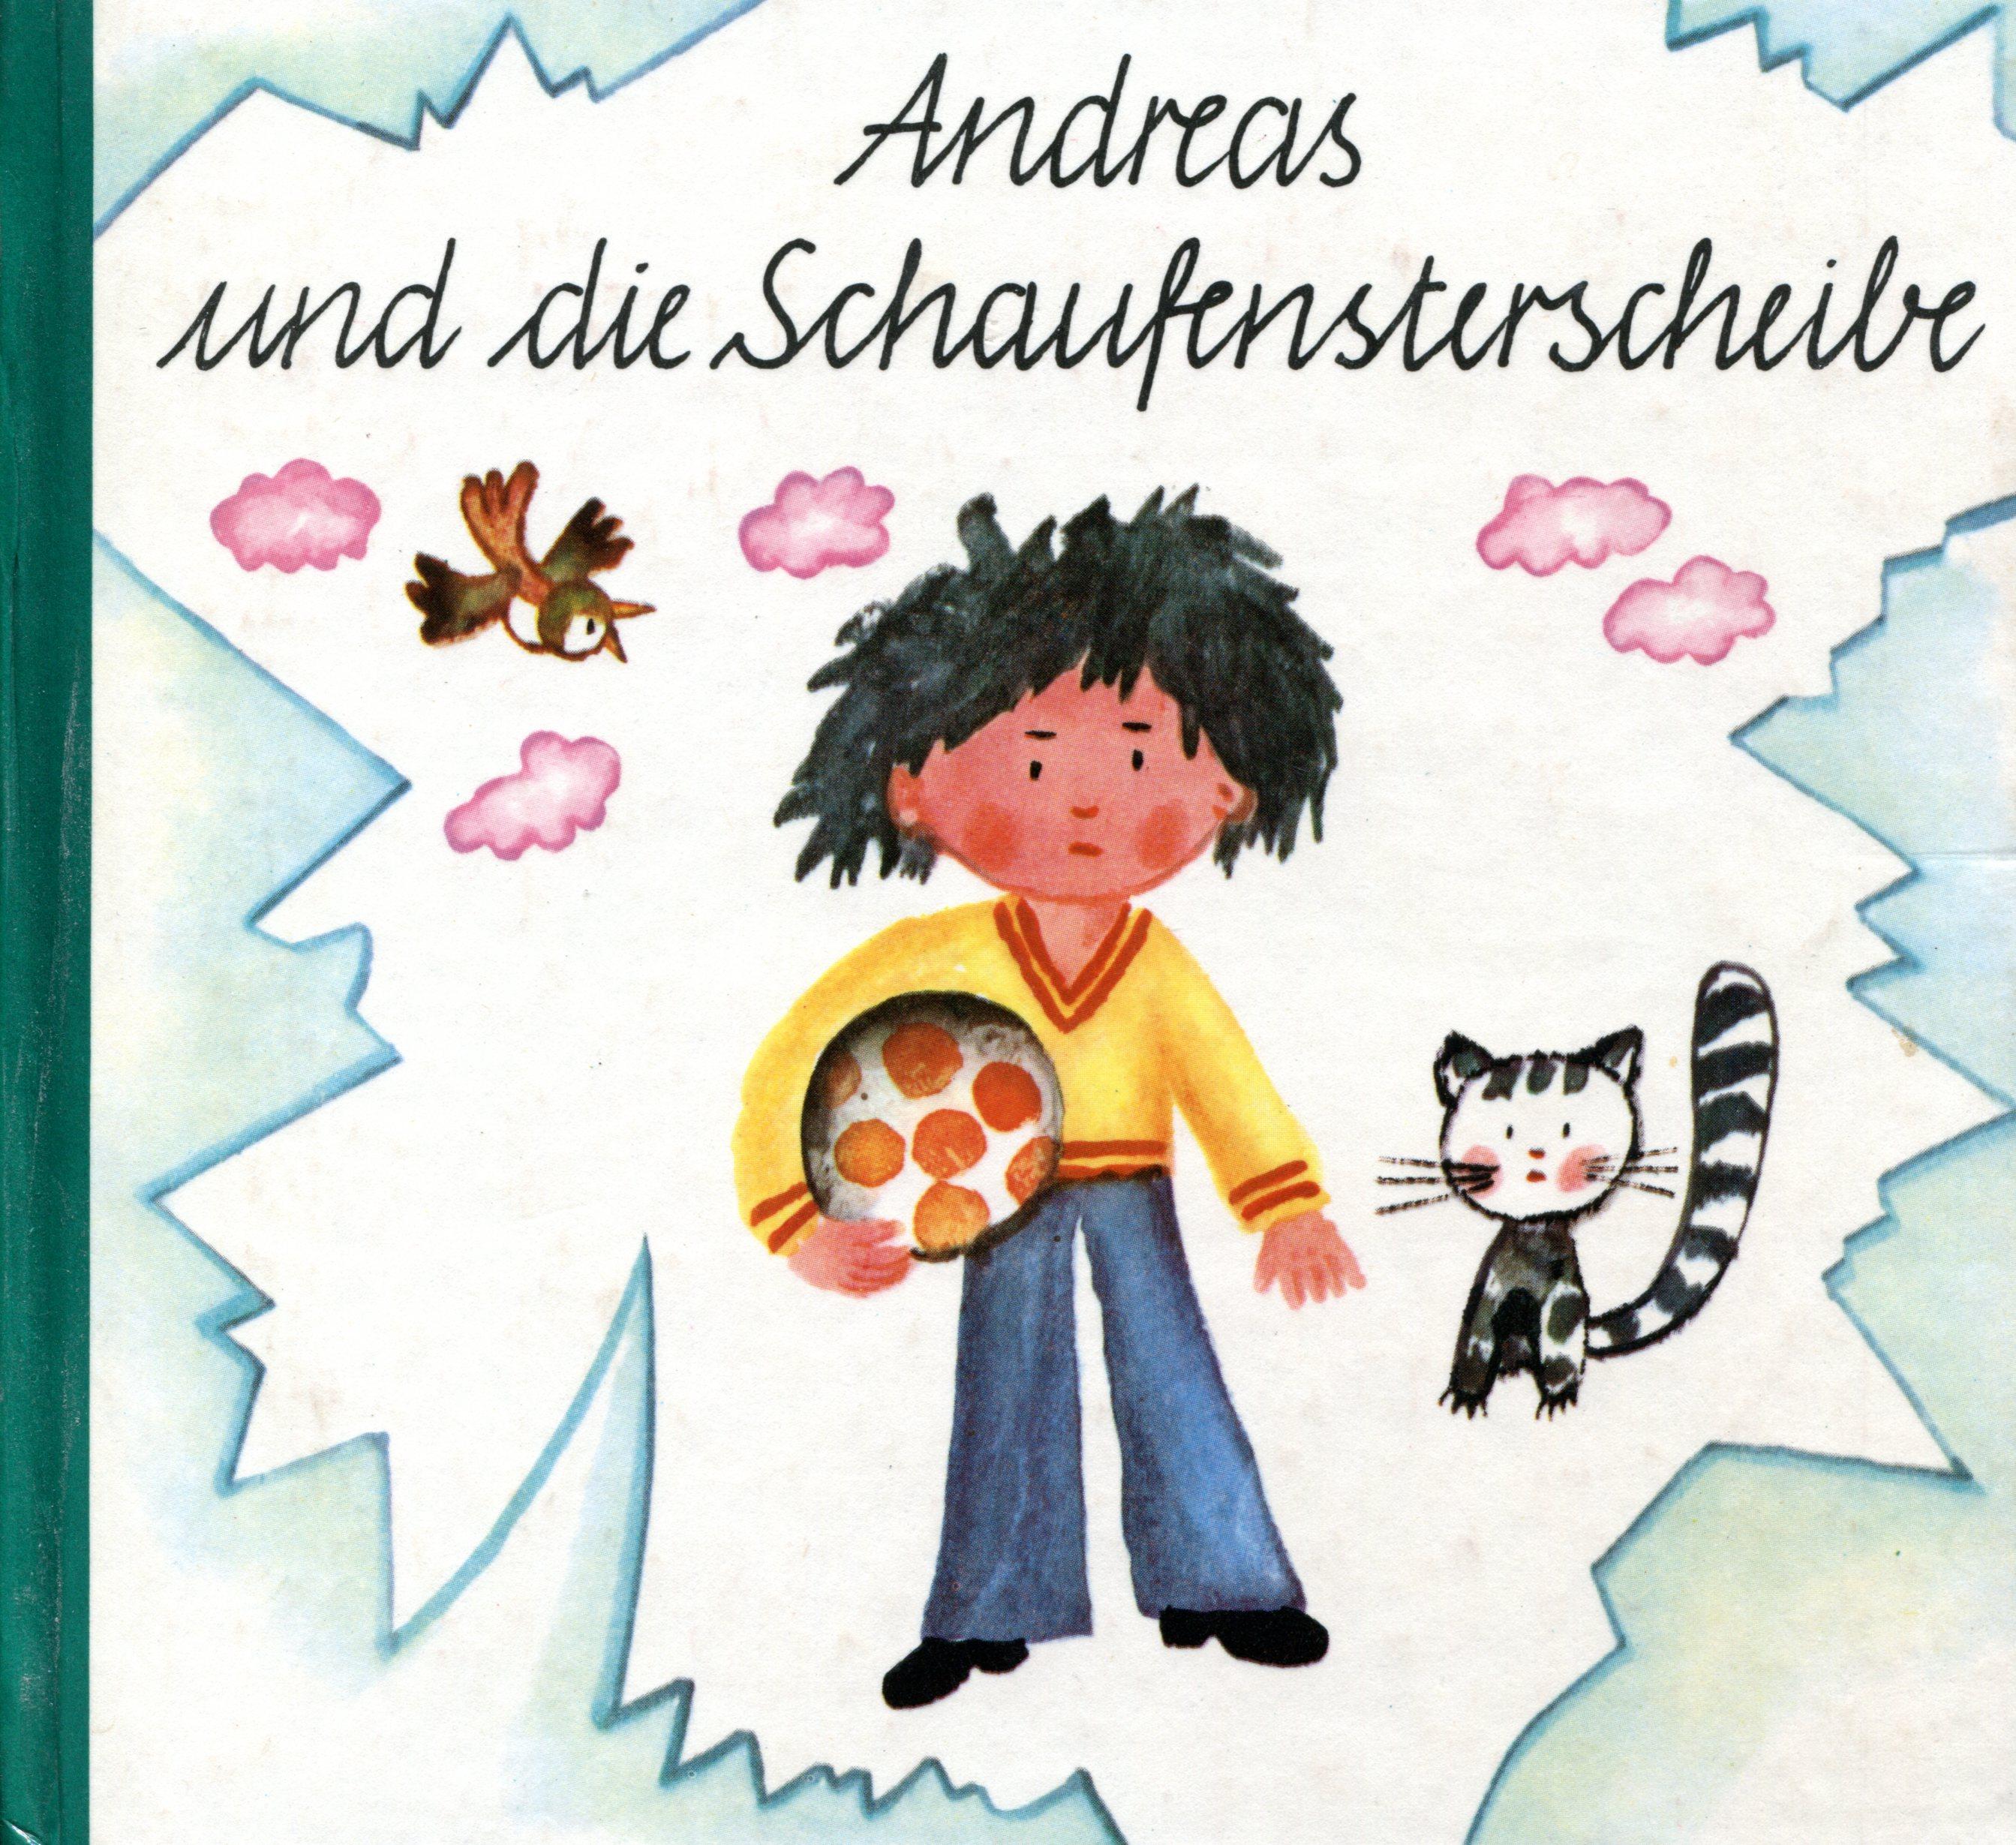 Andreas und die Schaufensterscheibe